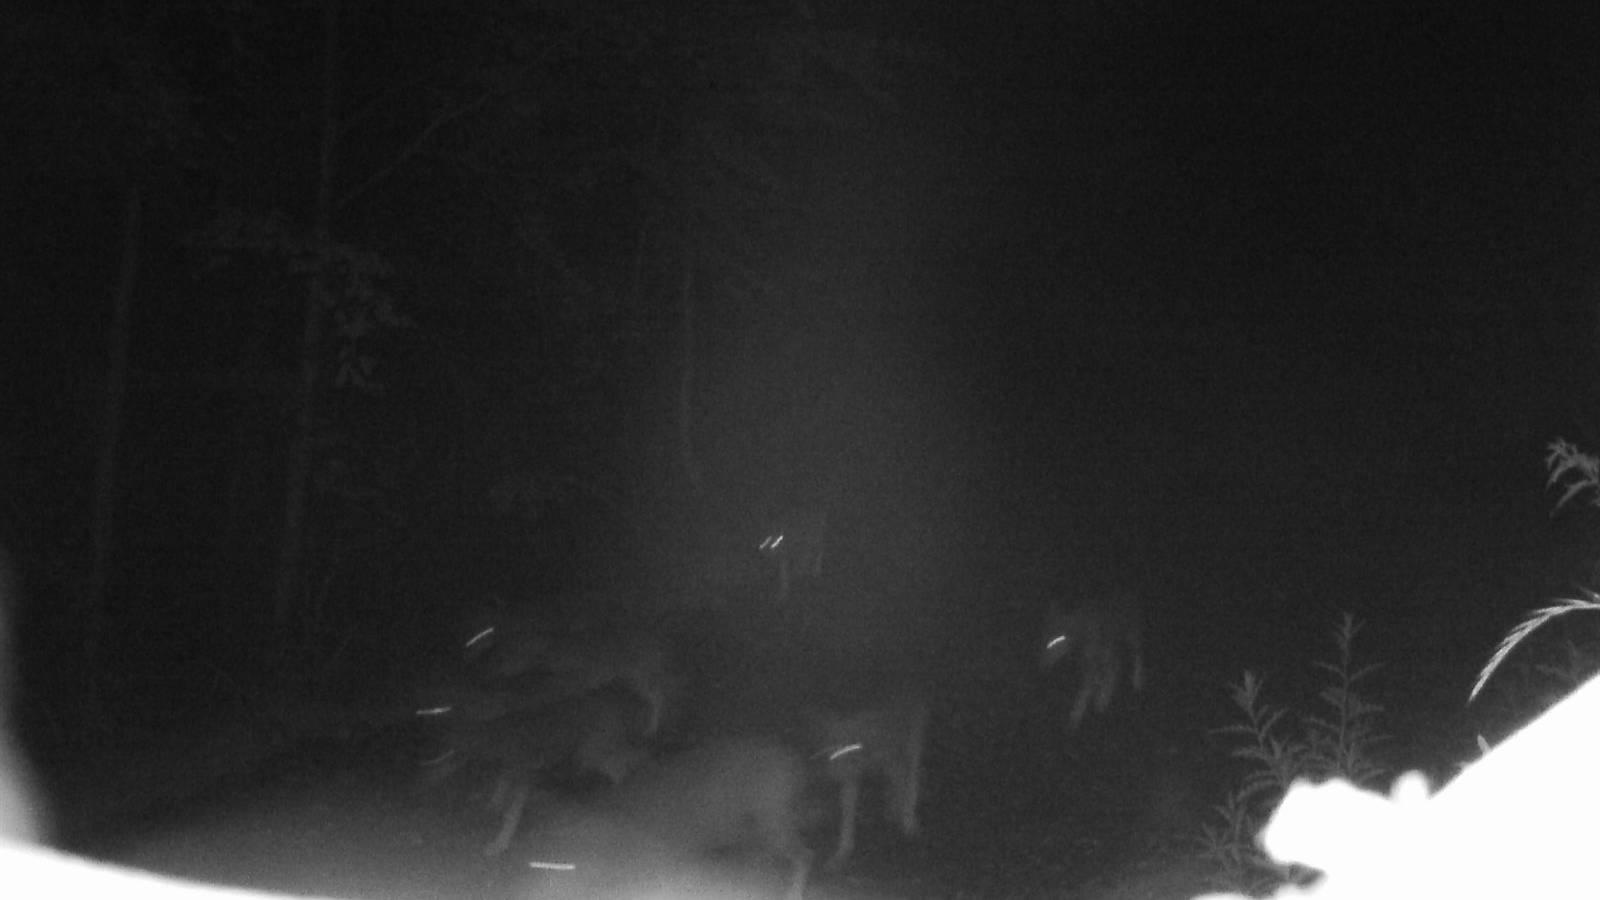 Die Jungwölfe neben dem ausgewachsenen Wolf.